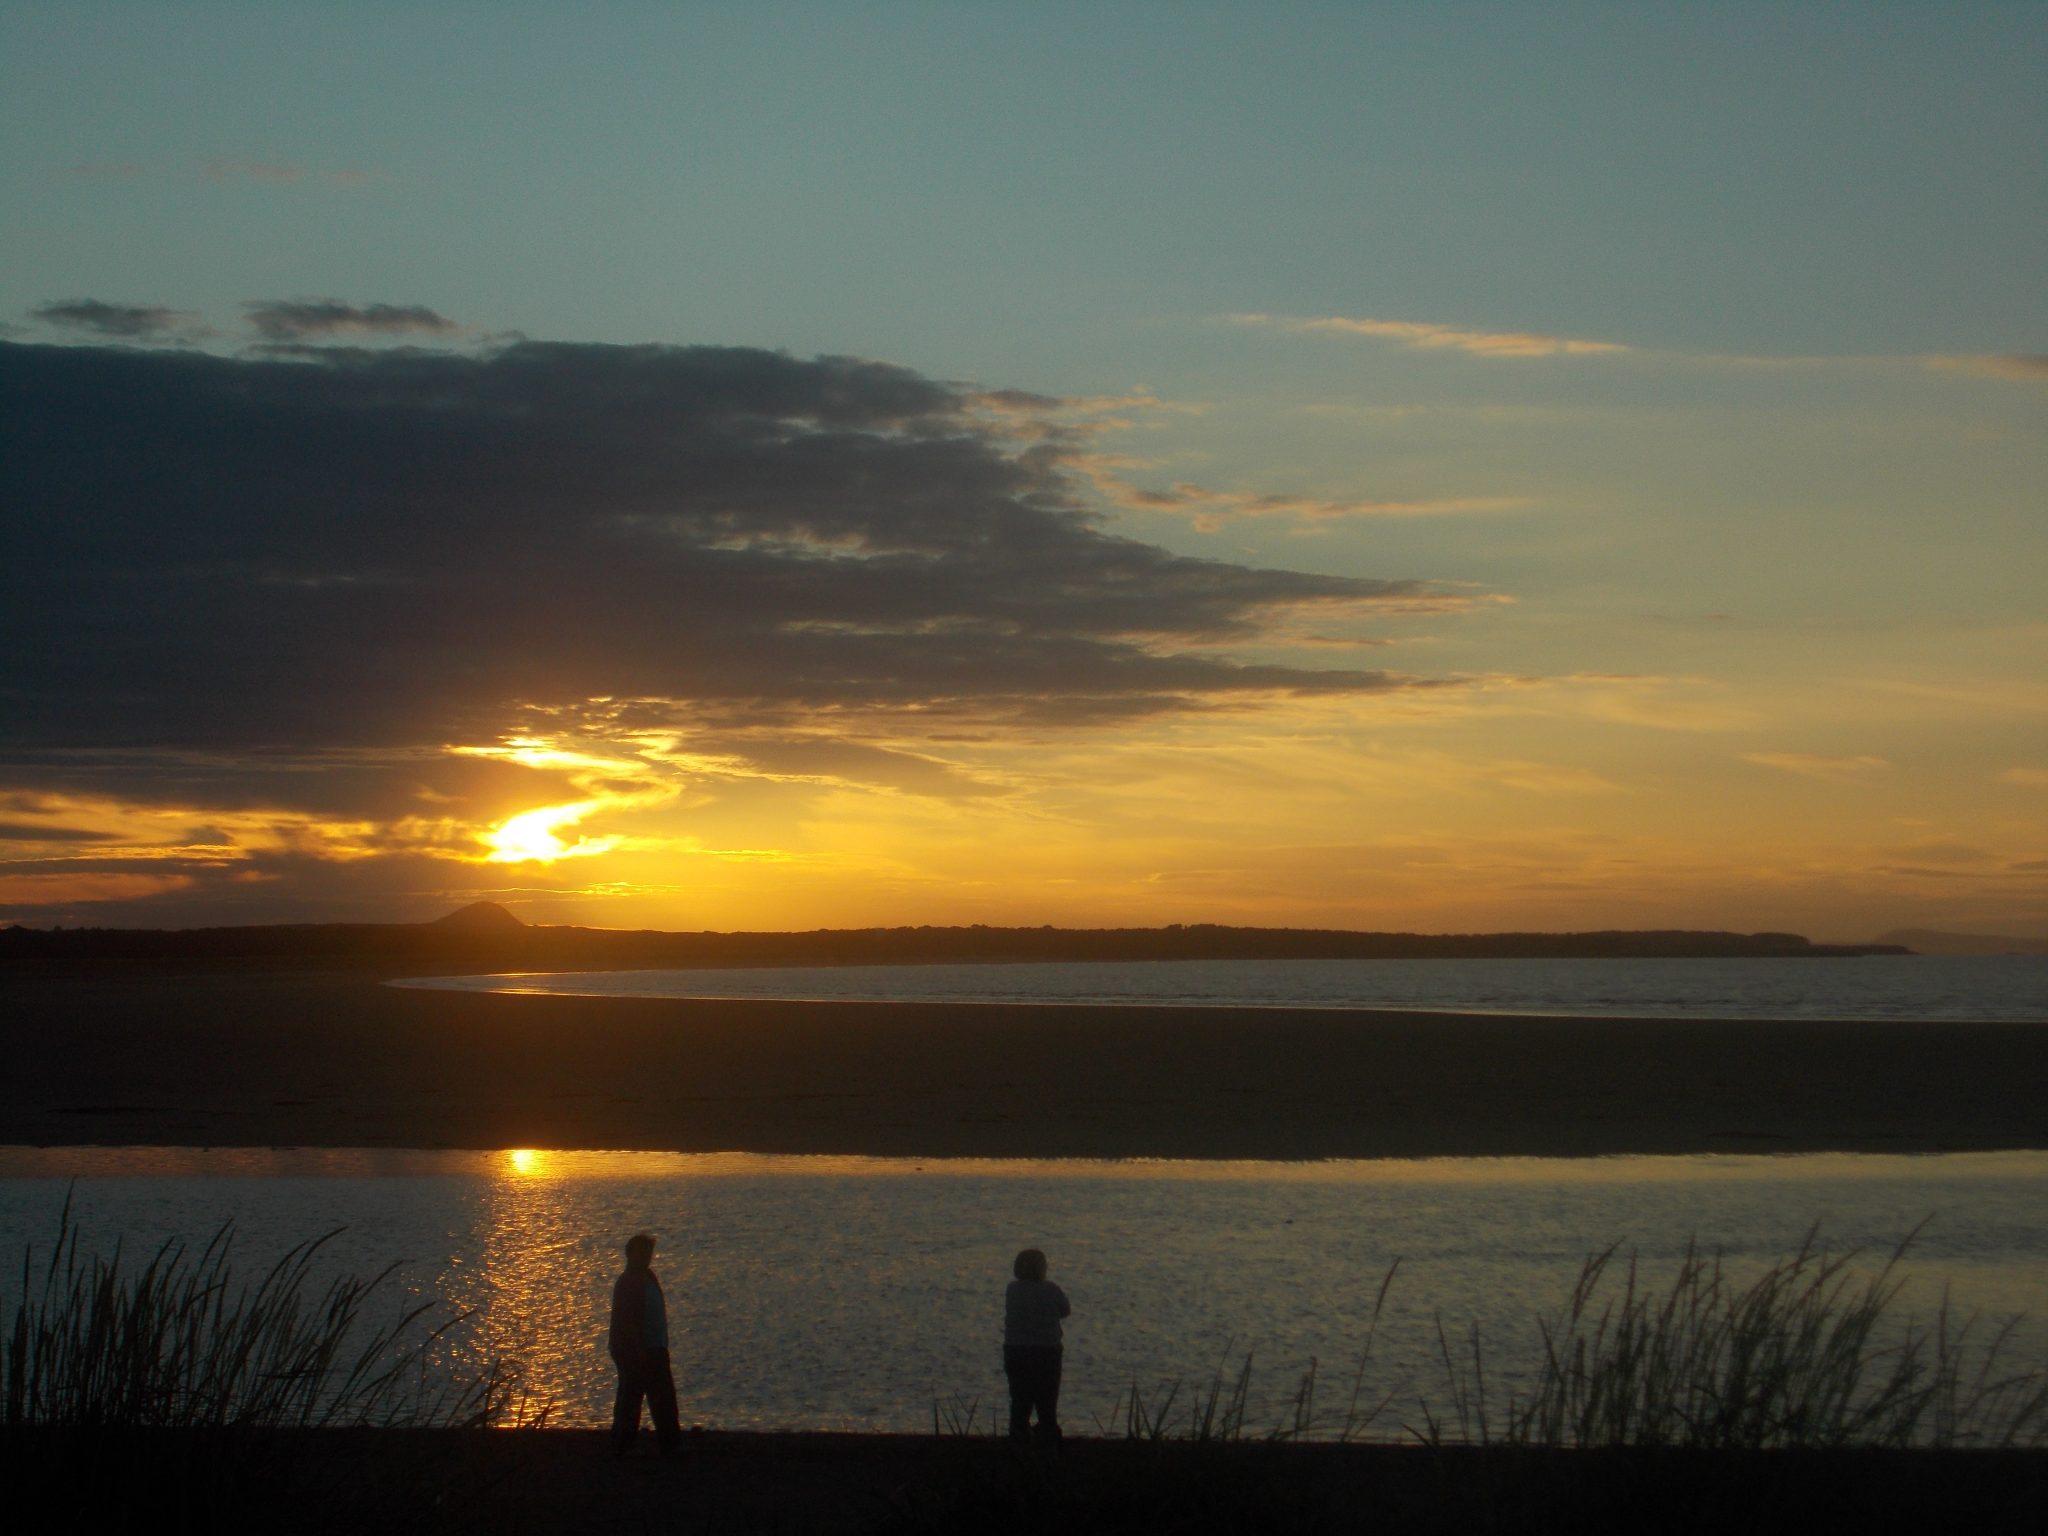 Sunset at Dunbar, Scotland